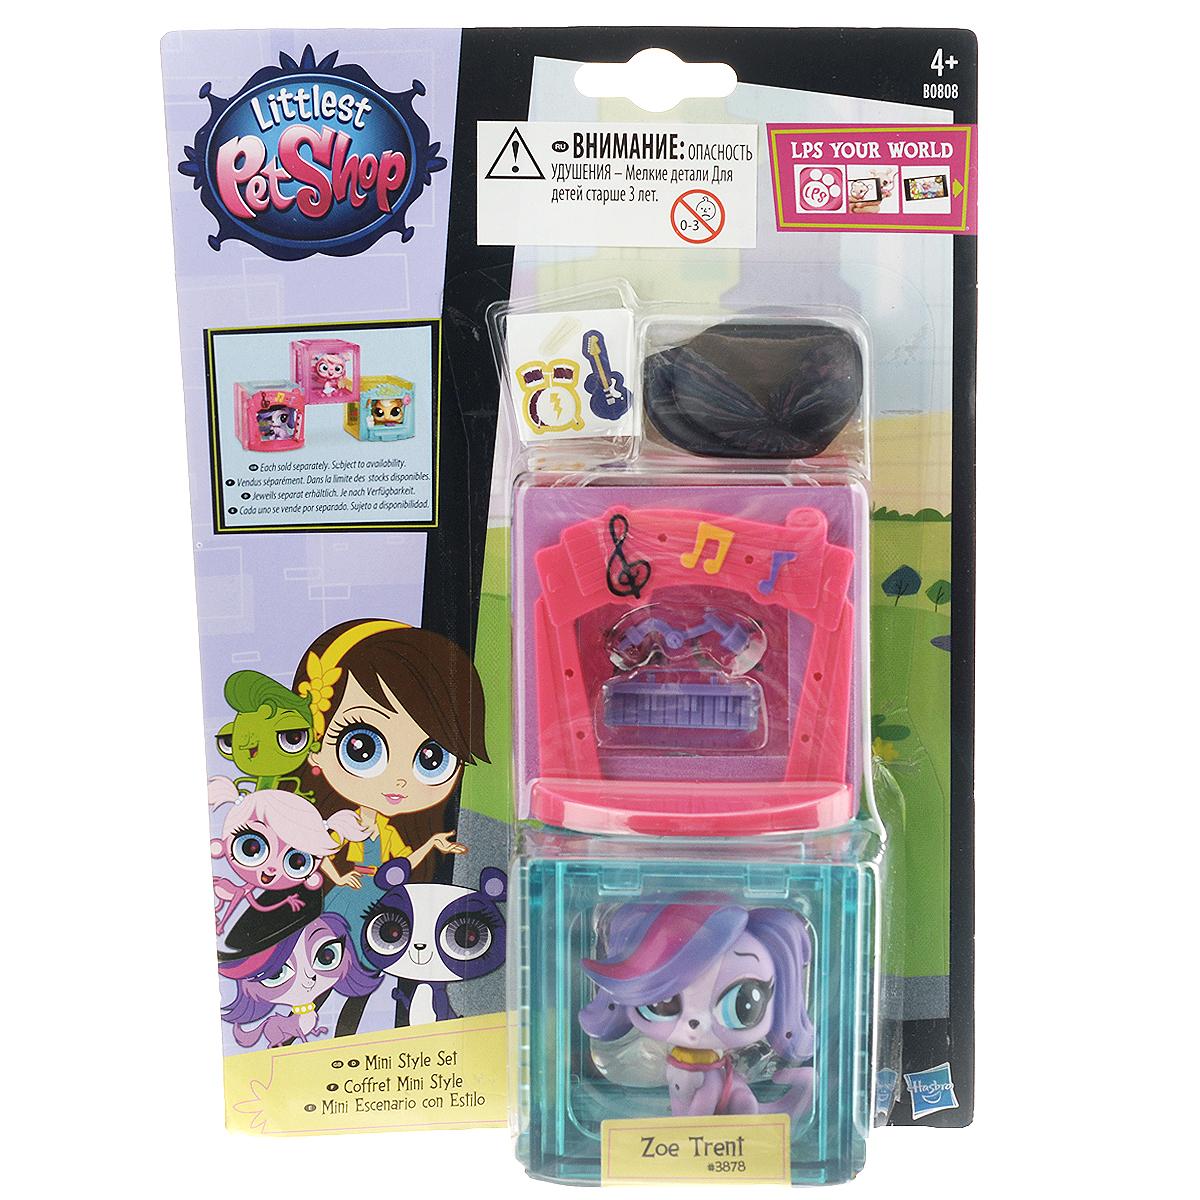 Littlest Pet Shop Игровой набор Zoe TrentB0808_B3807_SolidЯркий игровой набор Littlest Pet Shop Zoe Trenf привлечет внимание вашей малышки и не позволит ей скучать. Набор включает в себя домик с красочным фасадом, 3 аксессуара в виде стильной кепки, микрофона и синтезатора, тематические наклейки и фигурку очаровательной собачки с большими глазками. Голова игрушки подвижна. Благодаря маленьким размерам фигурки ребенок сможет брать ее с собой на прогулку или в гости. Набор совместим с другими наборами Littlest Pet Shop - соберите веселых друзей, и вы сможете составить их домики в настоящий звериный городок! Домики зверюшек соединяются по вертикали и по горизонтали. Порадуйте свою малышку таким замечательным подарком, и она проведет множество увлекательных часов, играя с ним и придумывая свои удивительные истории!